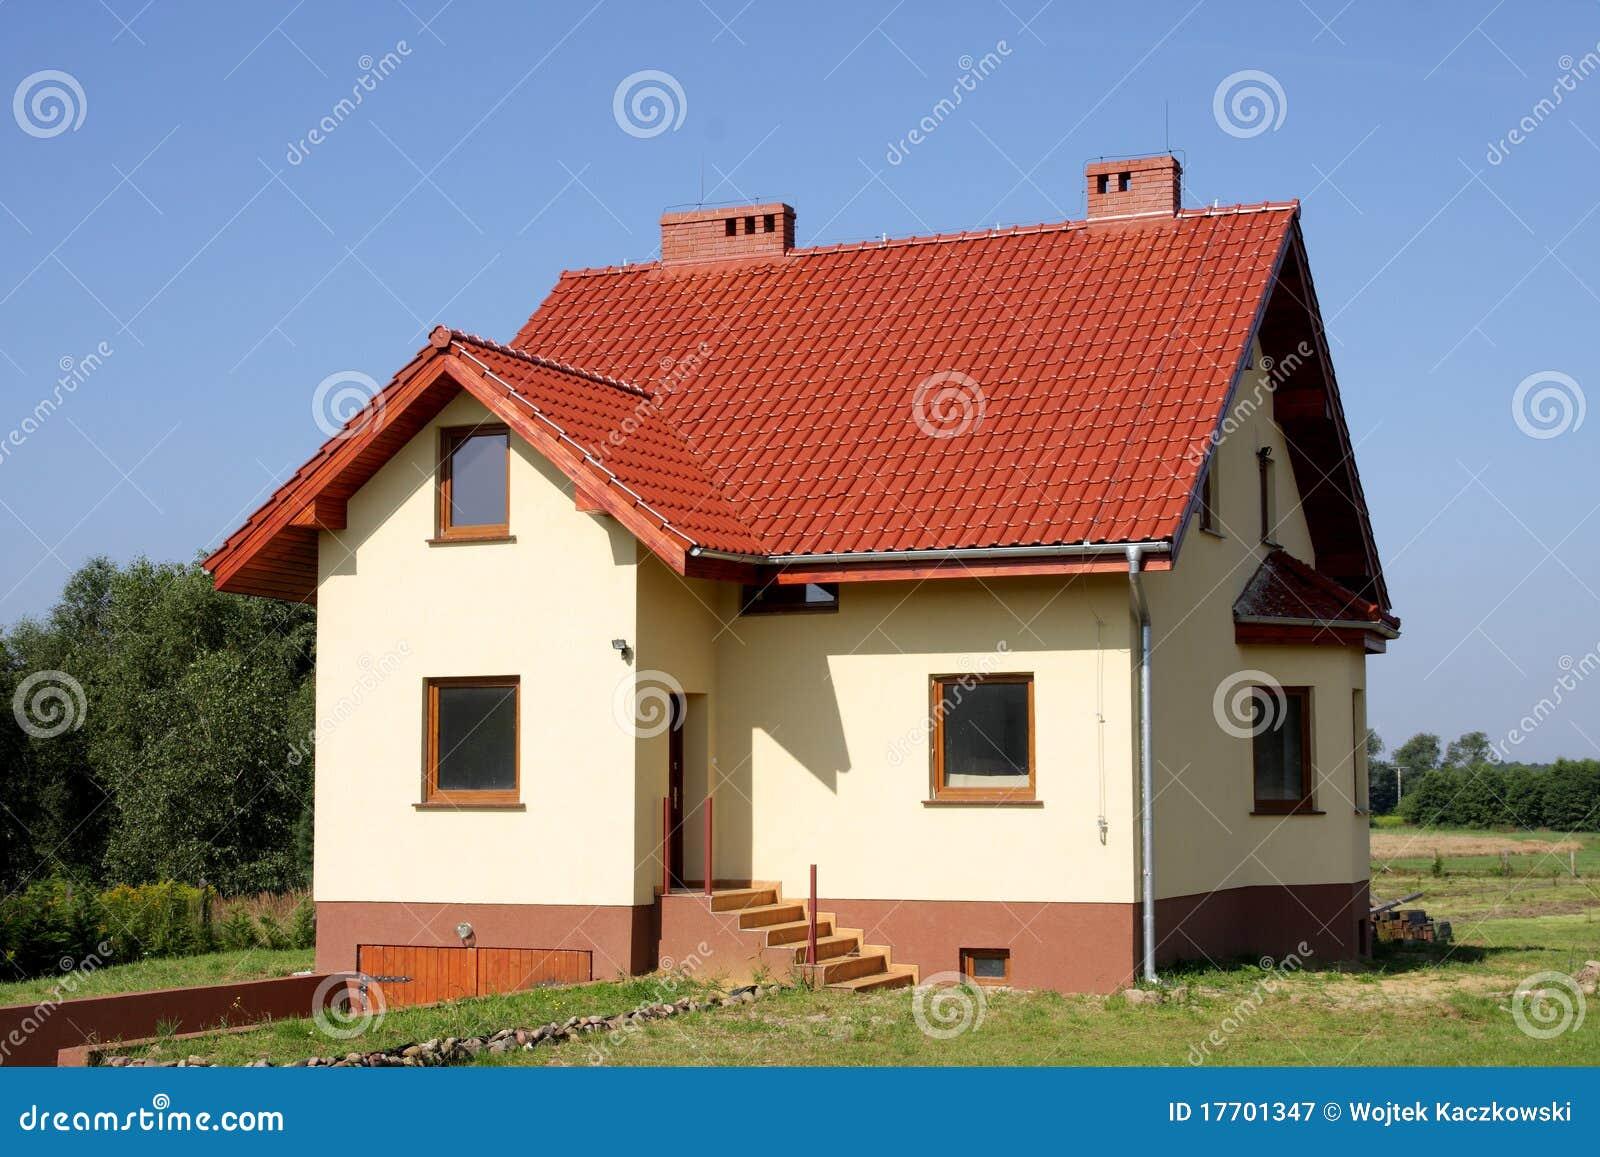 农村的房子-房子图片